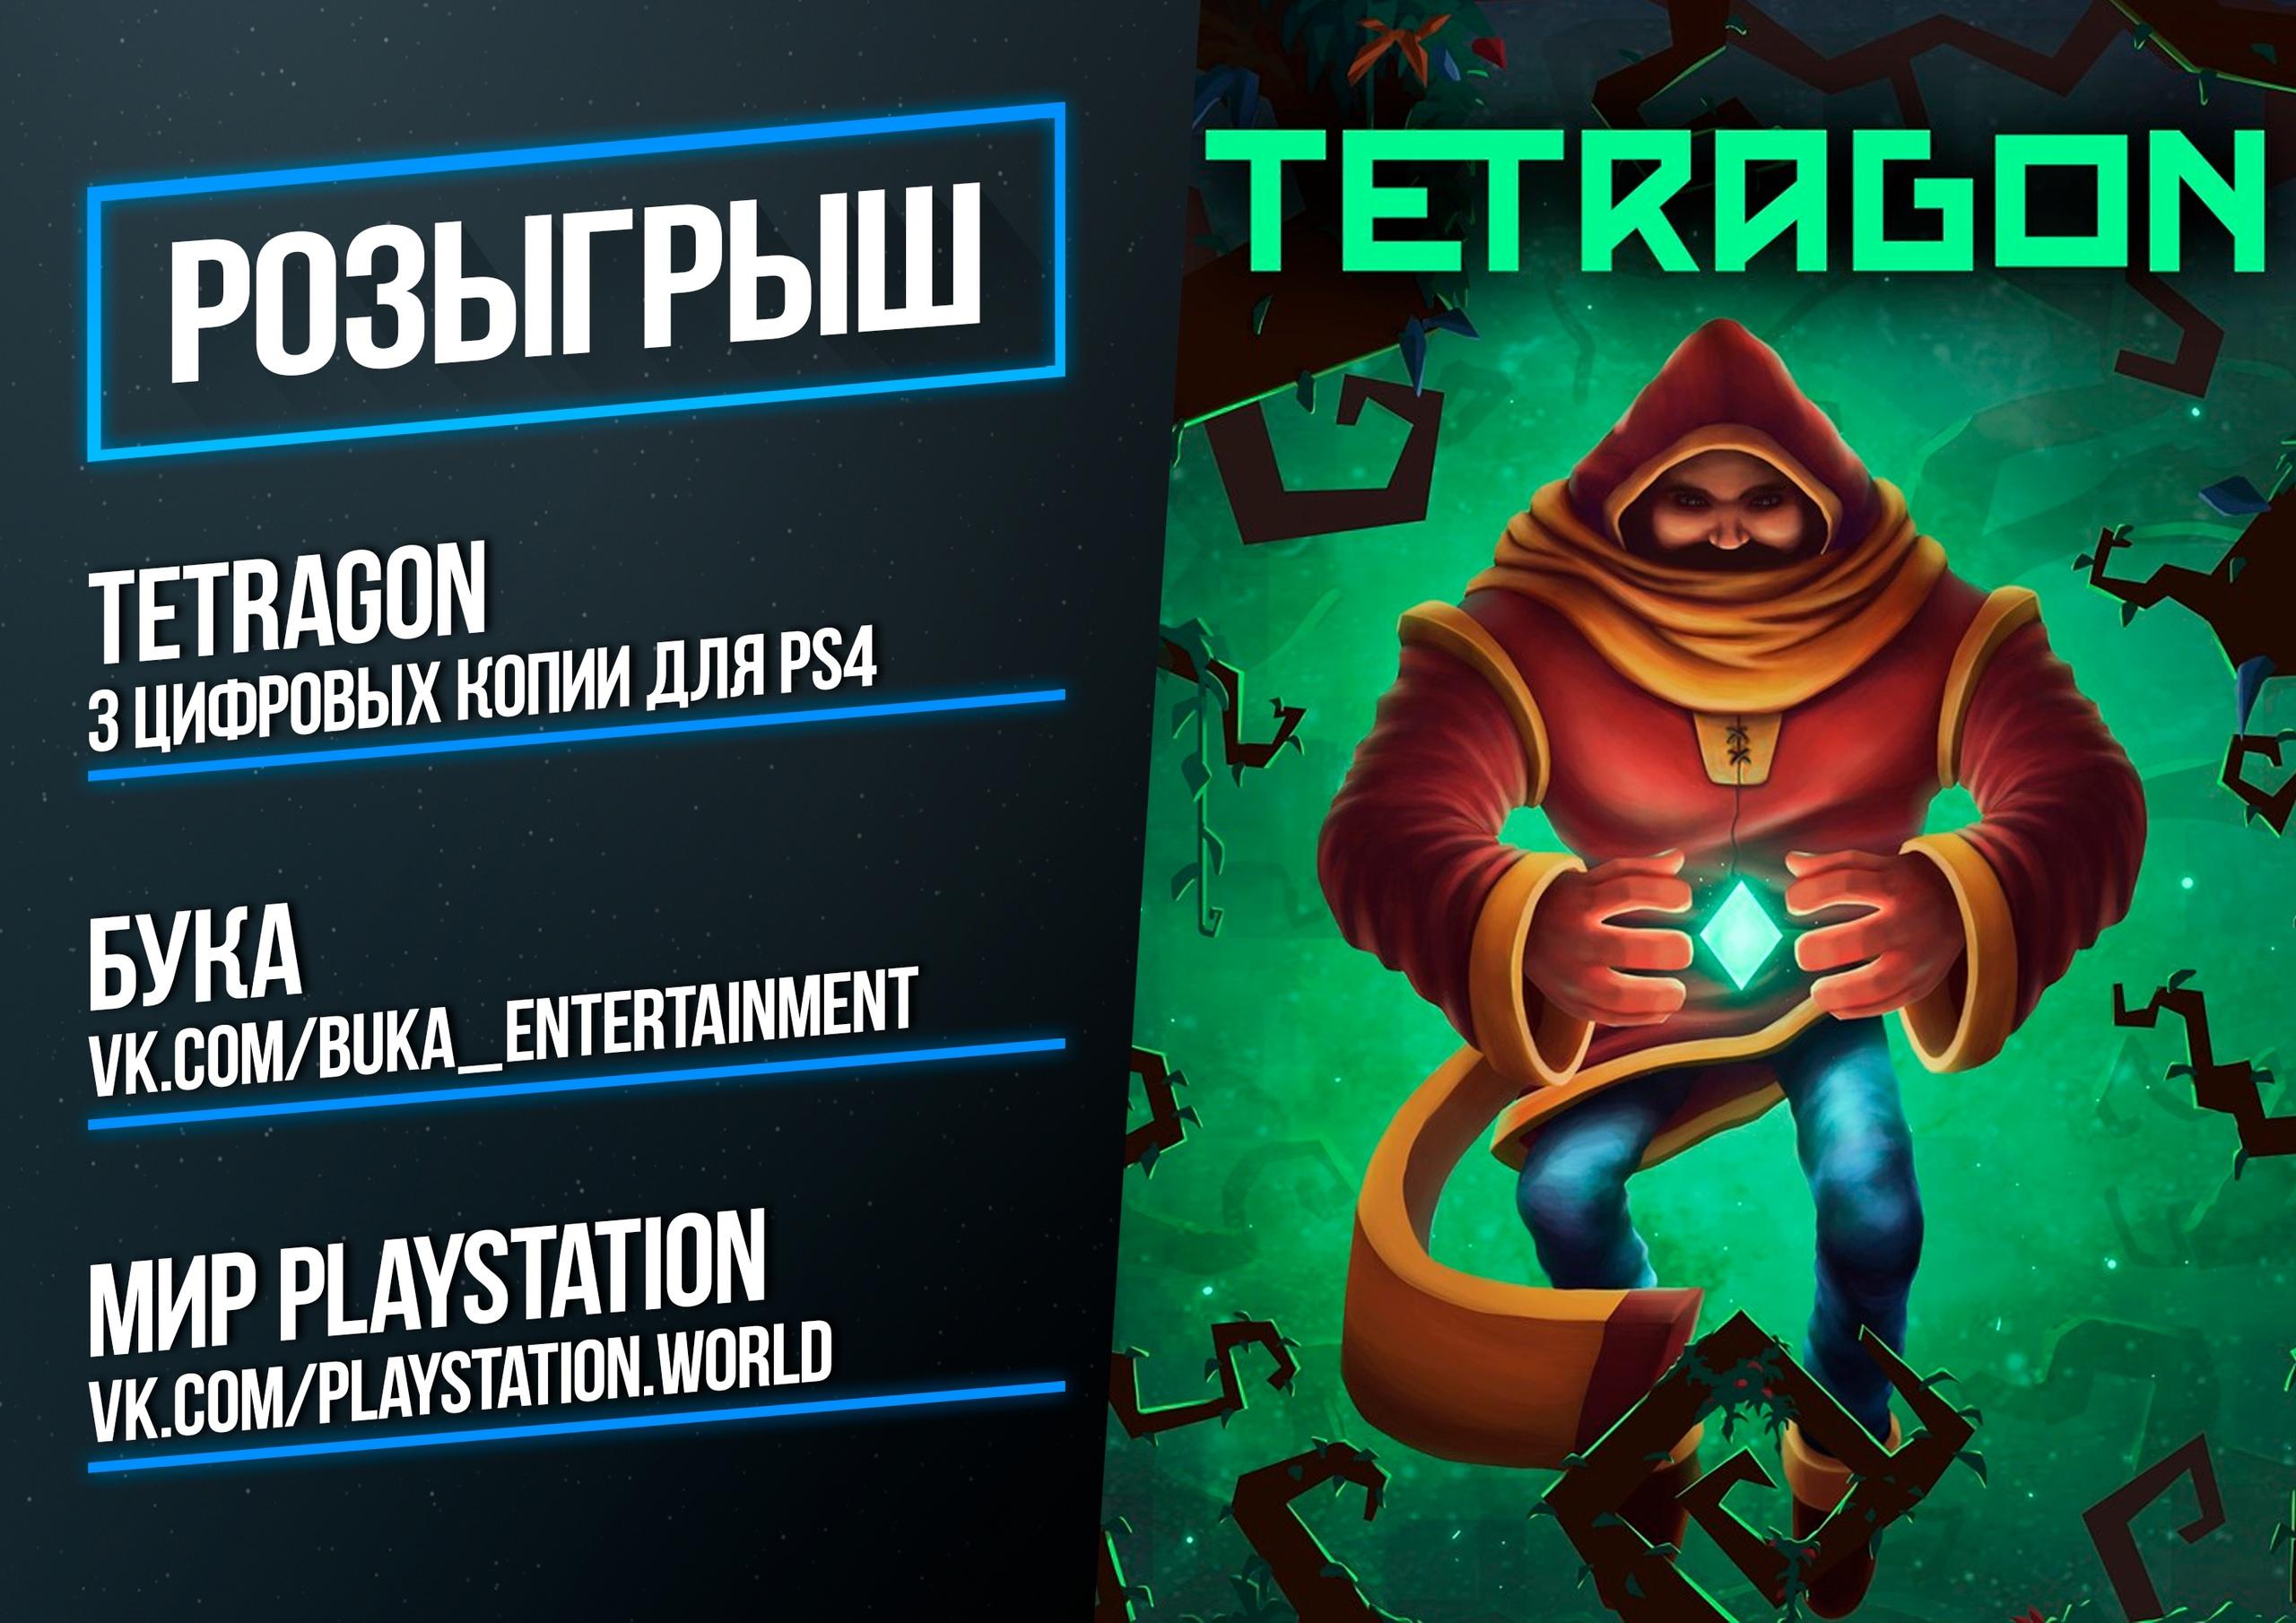 В честь недавнего выхода головоломки Tetragon мы вместе с Букой разыгрываем 3 цифровых копии игры!